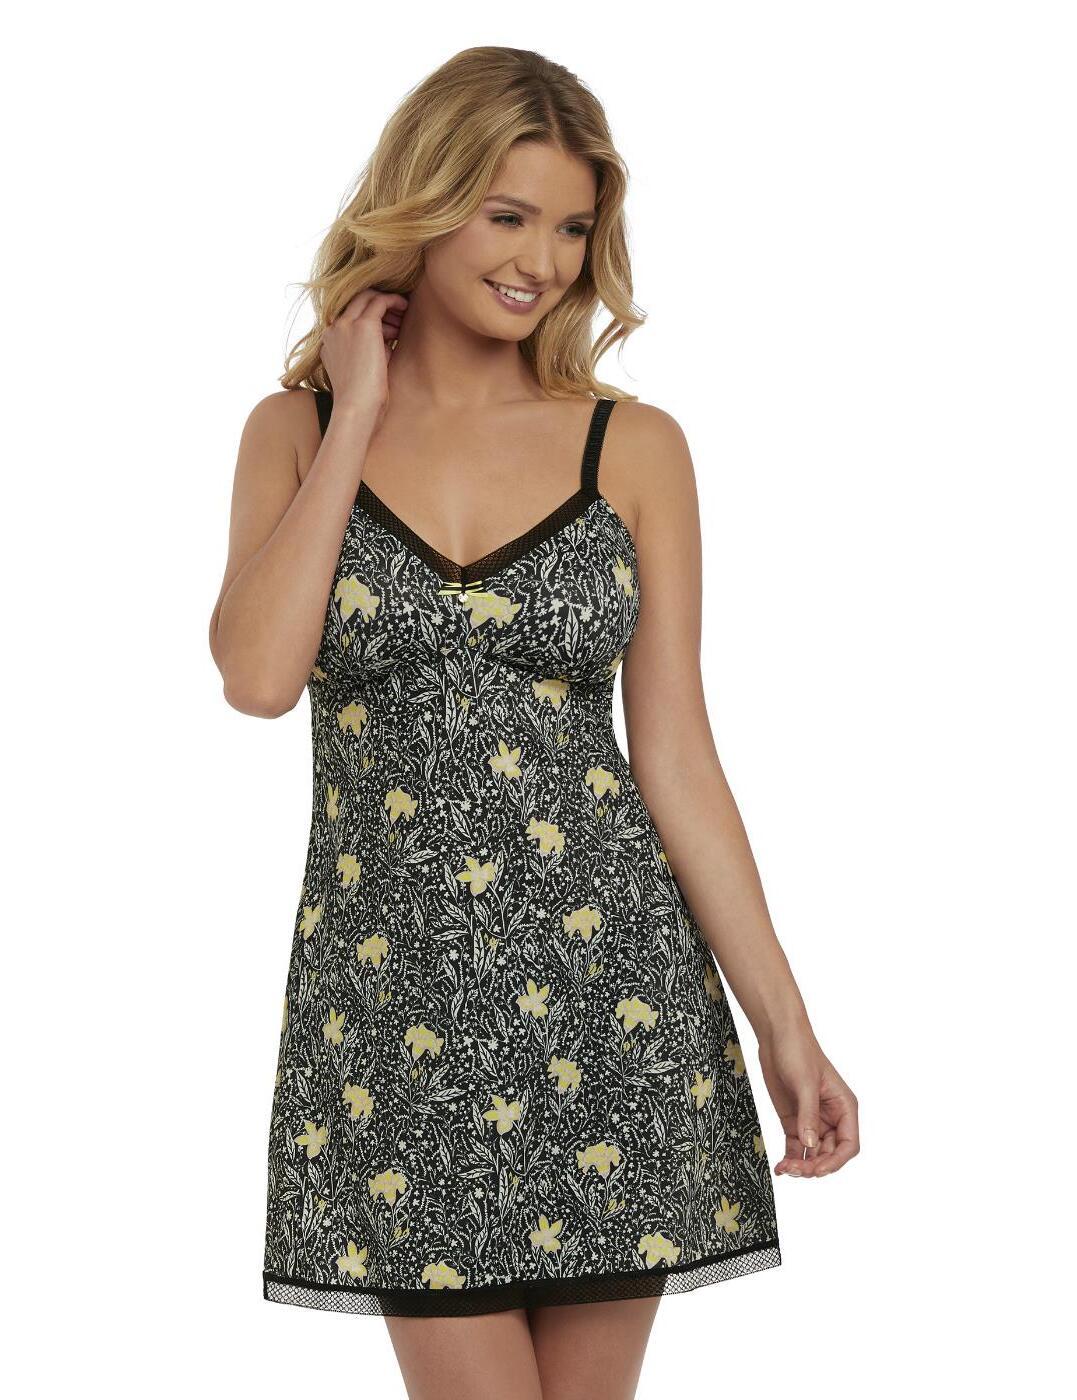 5189 Freya Floral Bonanza Chemise - 5189 Black/Floral